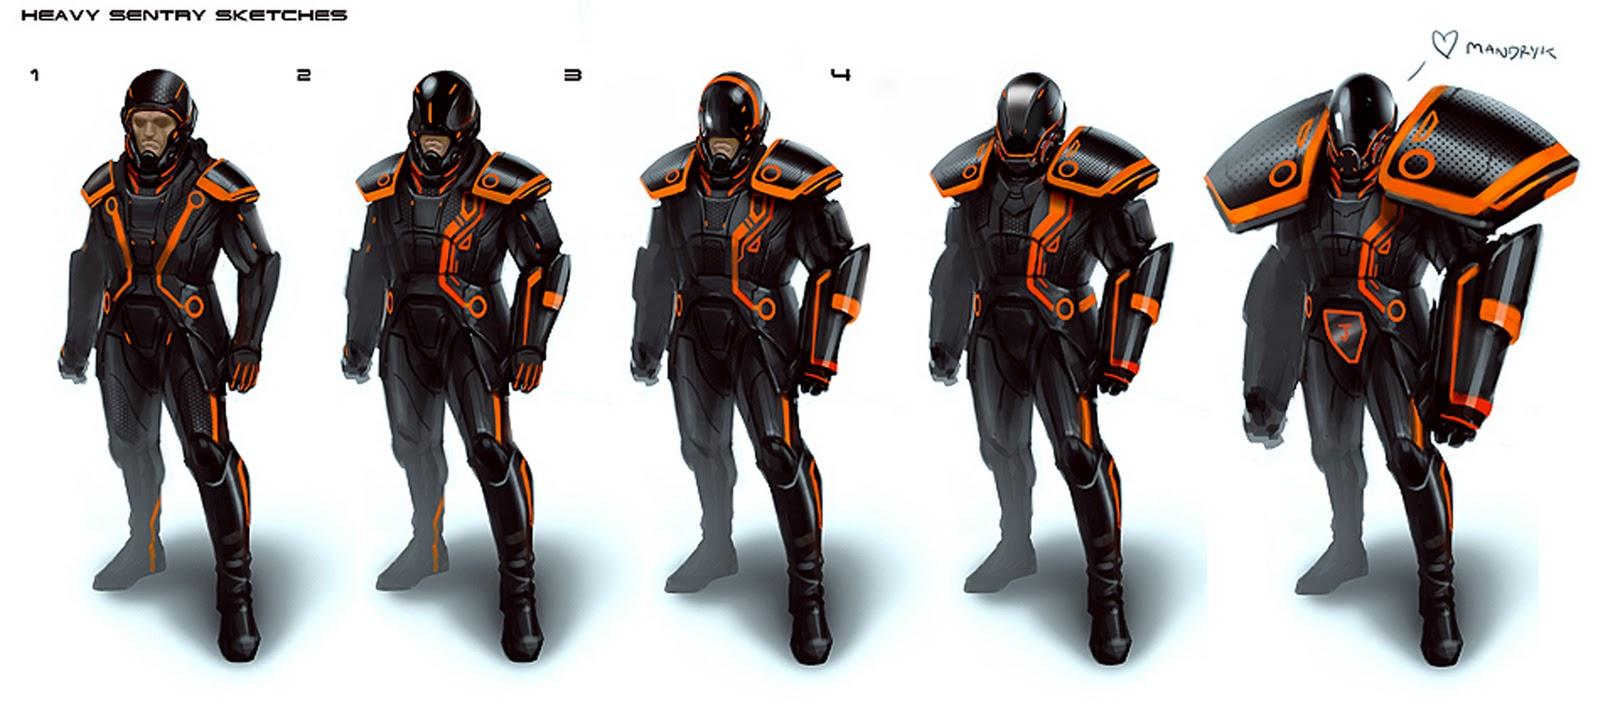 IMAGE(http://1.bp.blogspot.com/-en9Lq6Hhj3E/Tu-eMYtEOfI/AAAAAAAACtQ/QdeSkD3Sc7Q/s1600/heavy+sentrys+exo+suit+space+armor+combat+daryl+mandryk+concept+soldier+armor+tron+mech+mecha+gun+cannon+warrior+sci+fi.jpg)